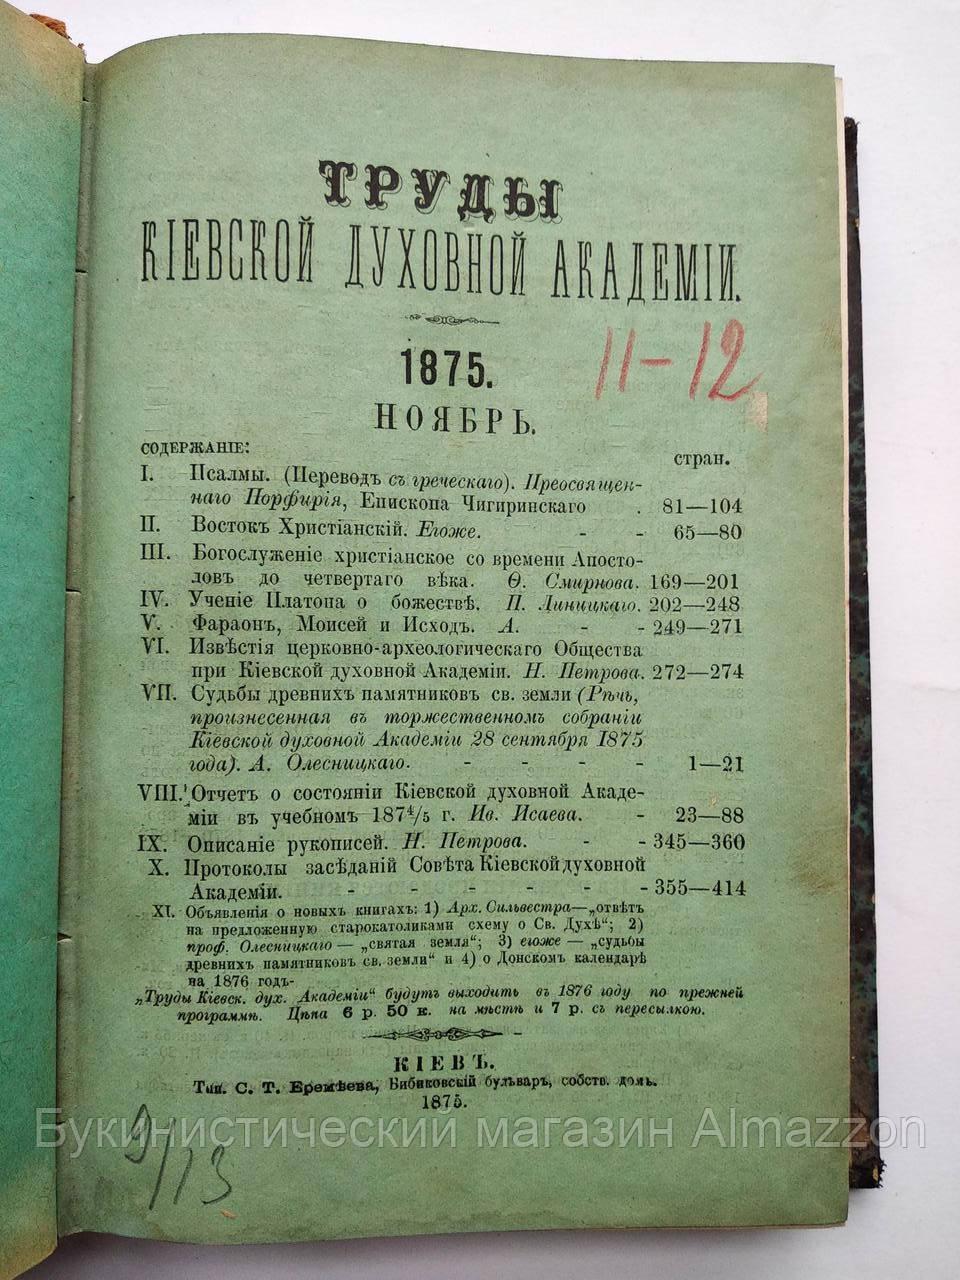 1875 Труды Киевской духовной академии. Конволют